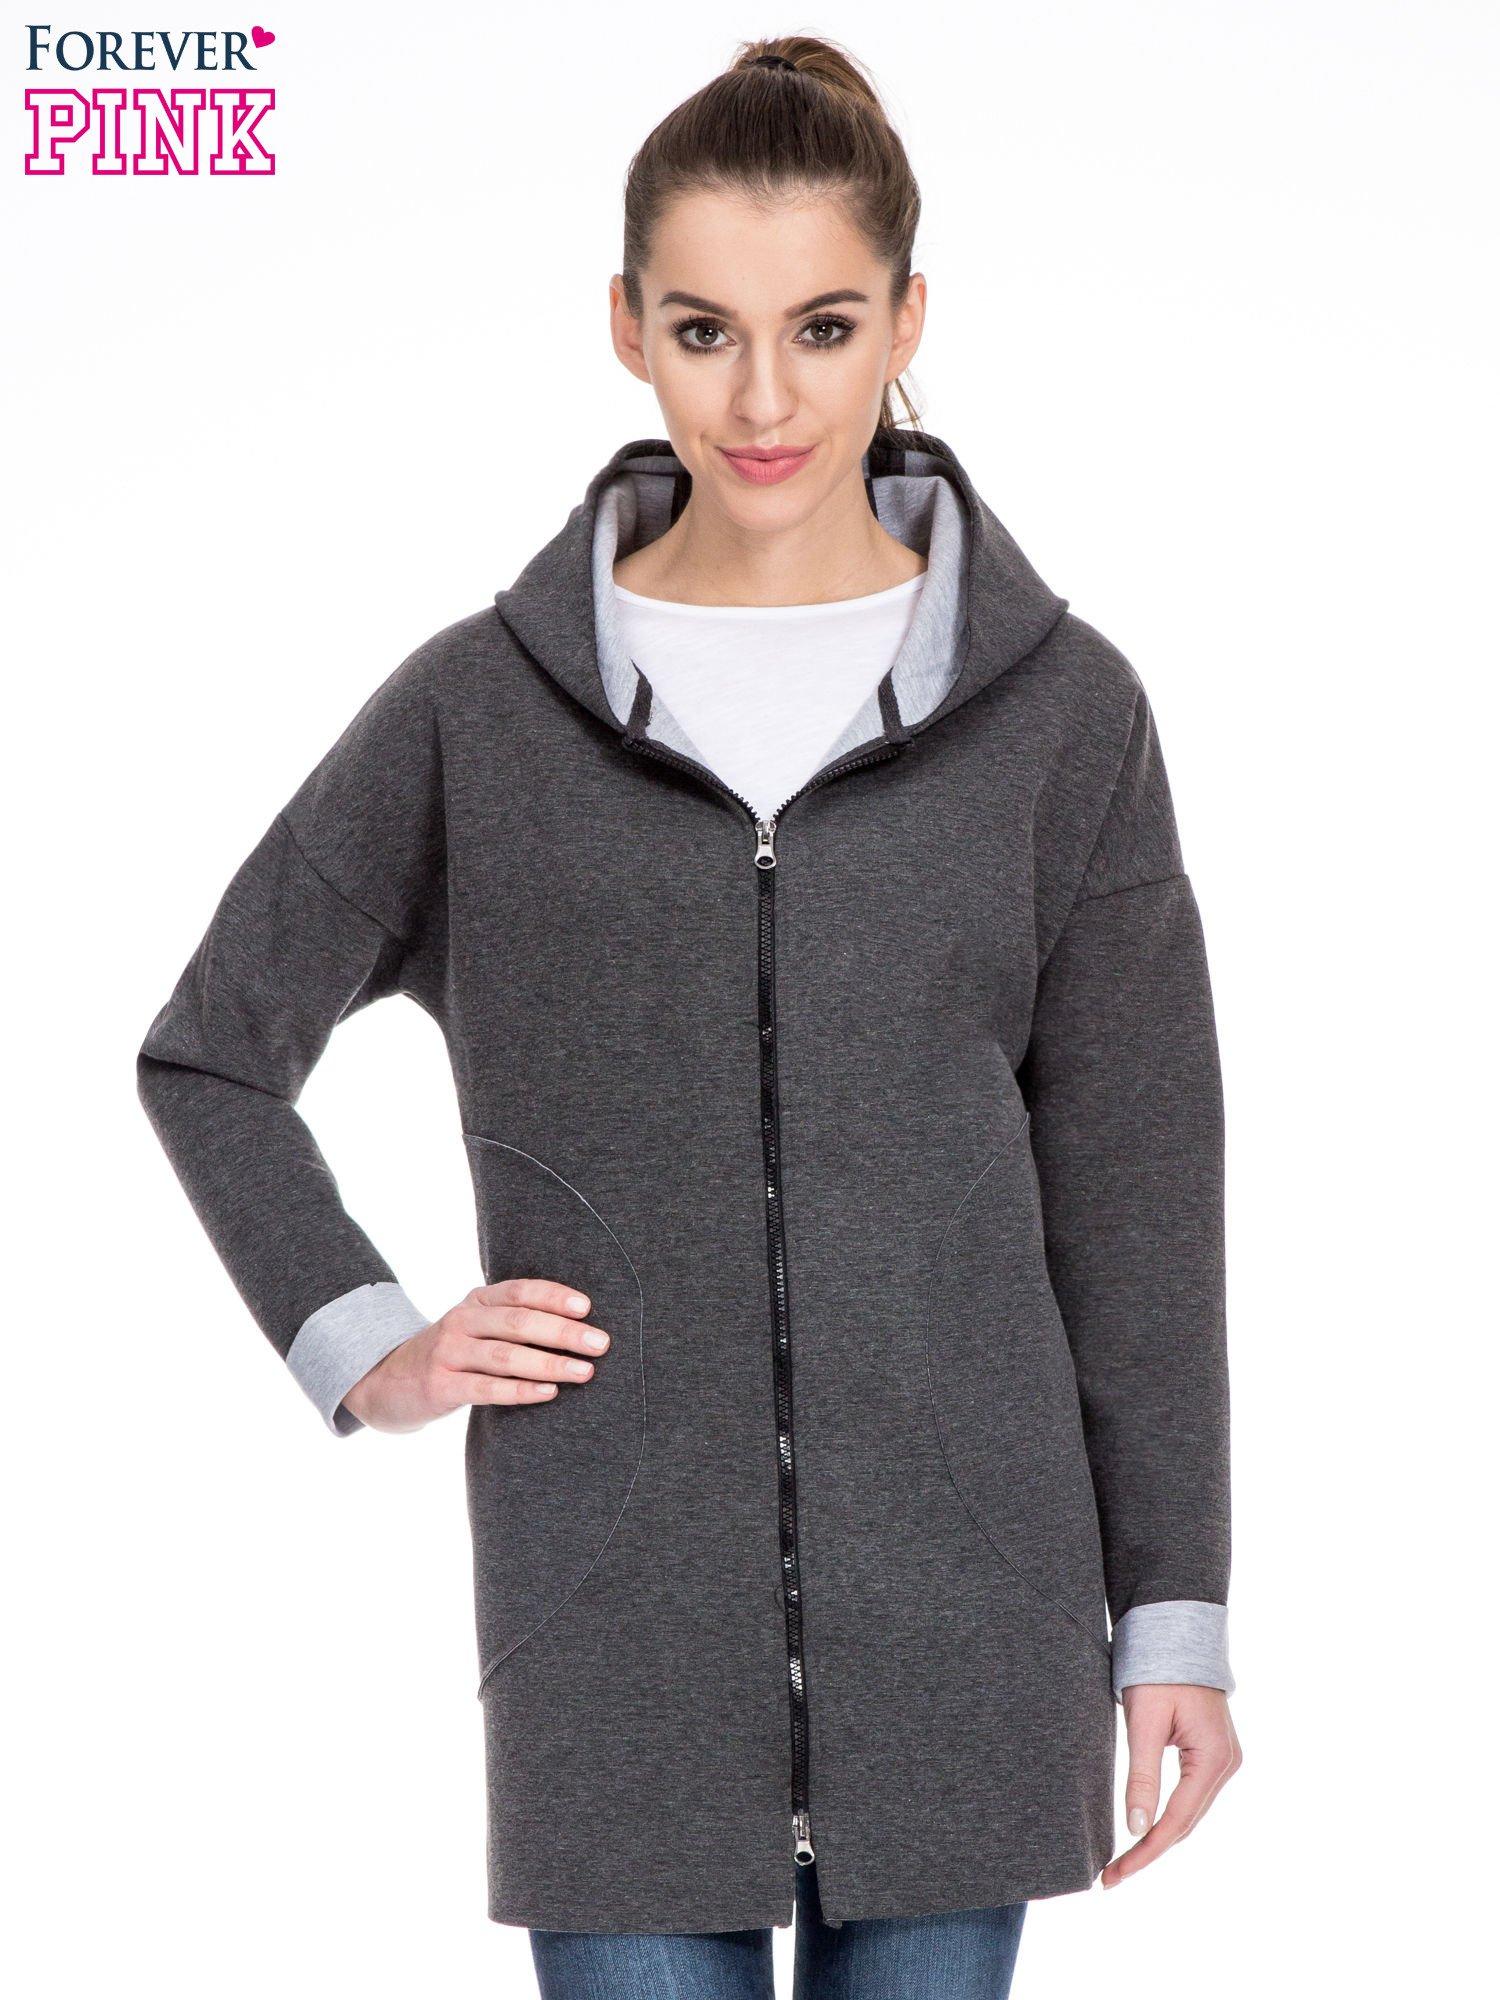 Ciemnoszary dresowy płaszcz oversize z kapturem                                  zdj.                                  1